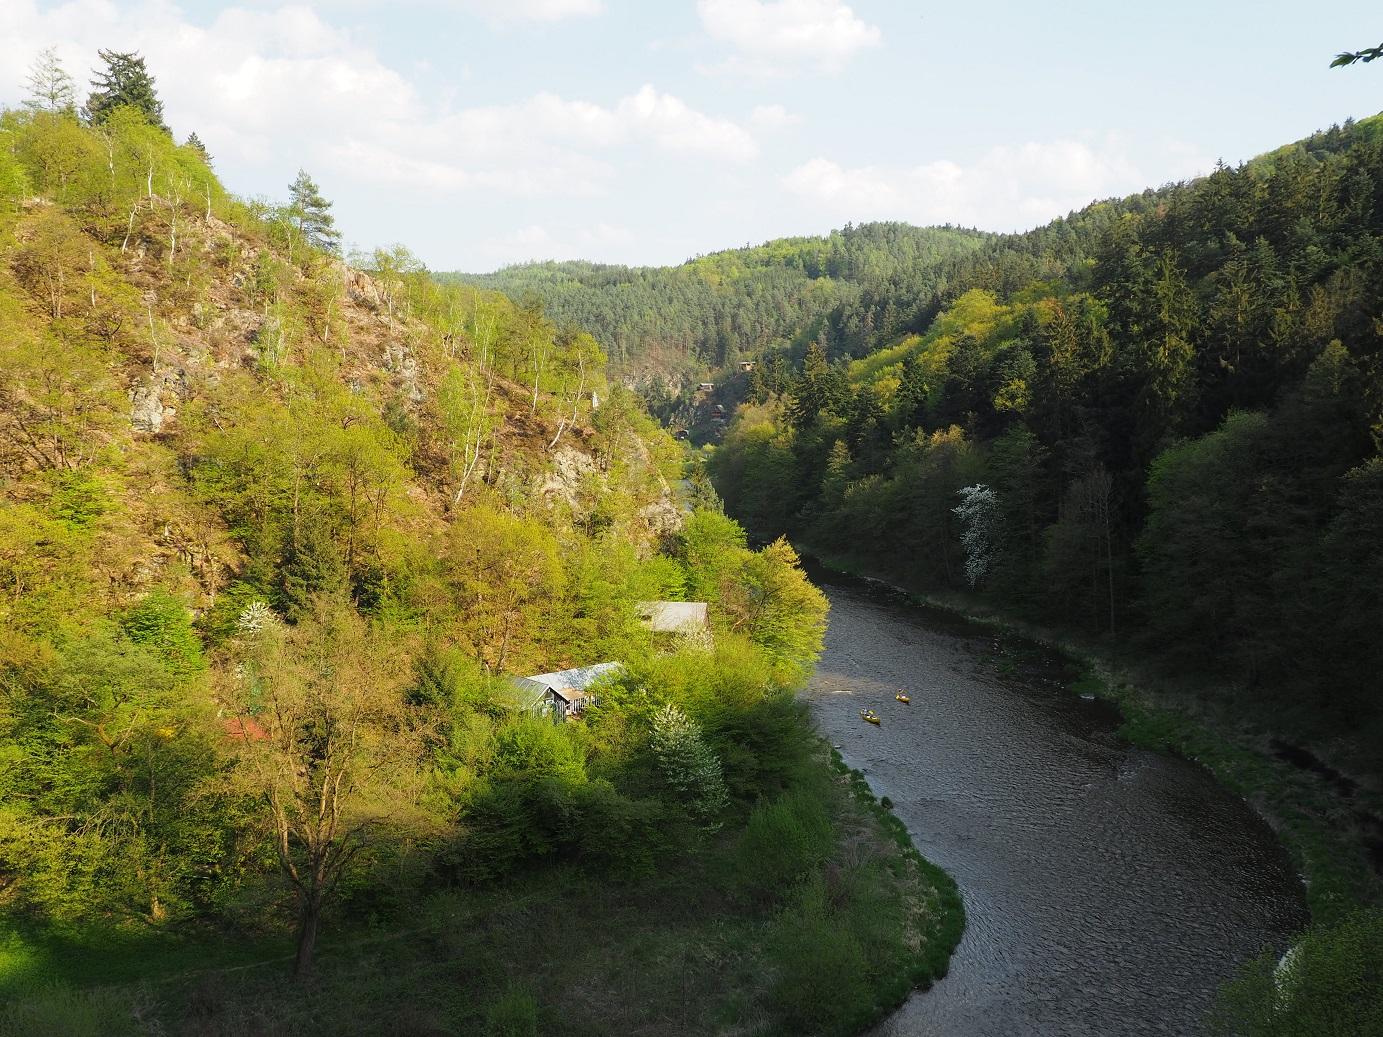 Vue sur la rivière Savaza entre Kamenný Přívoz et Davle